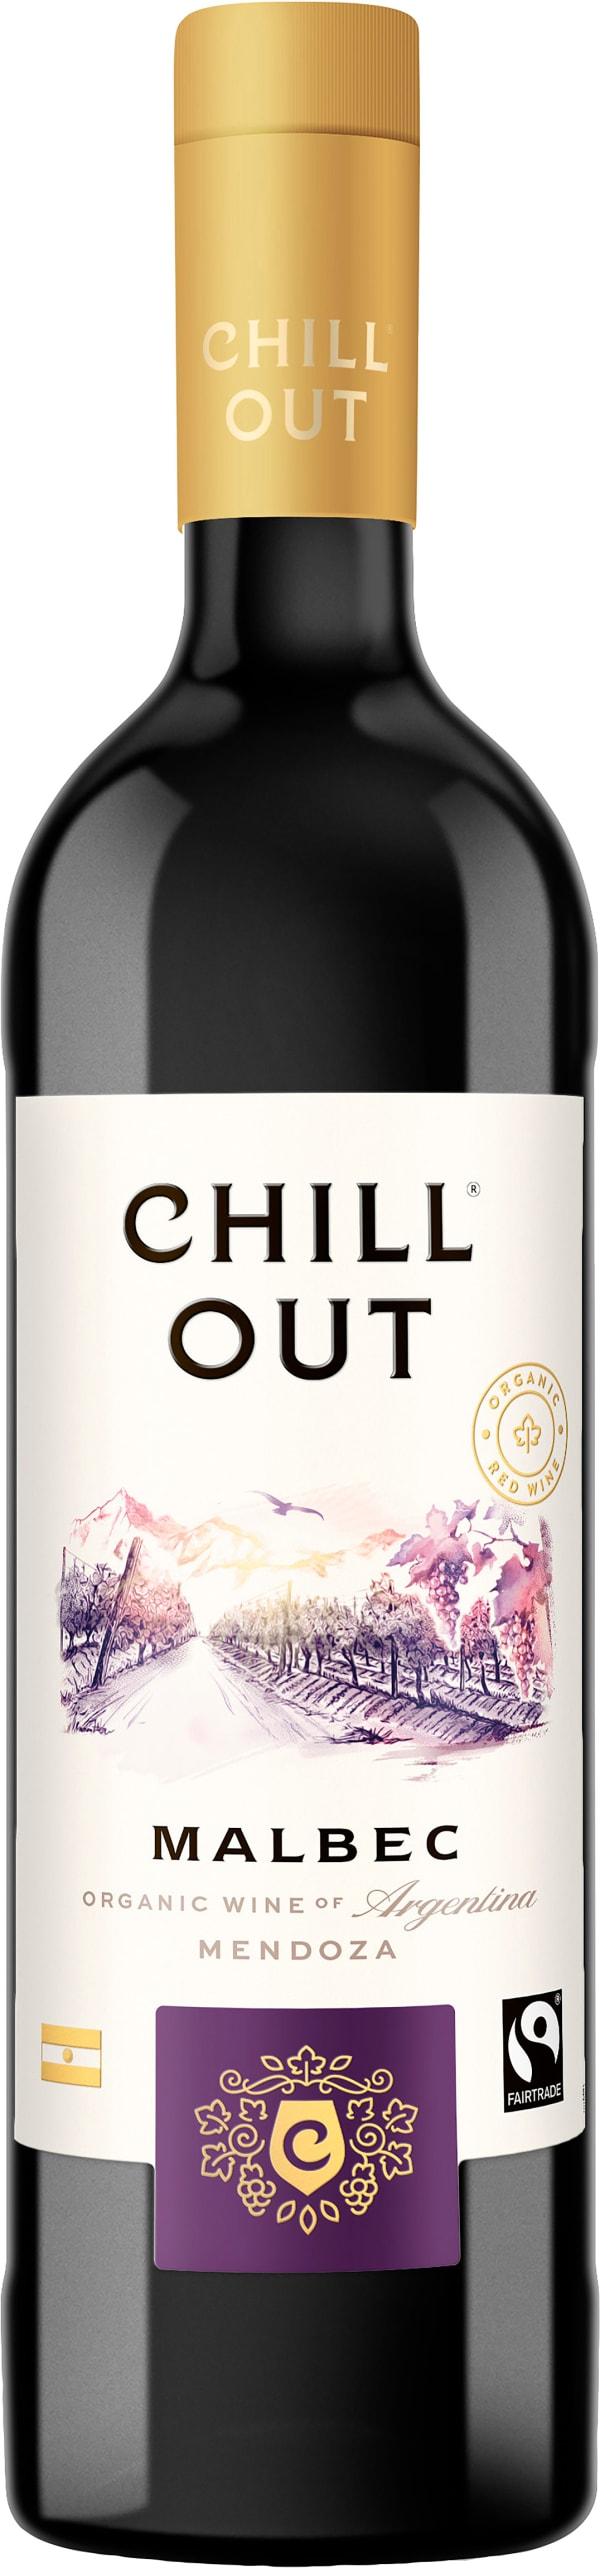 Chill Out Malbec Argentina 2017 muovipullo